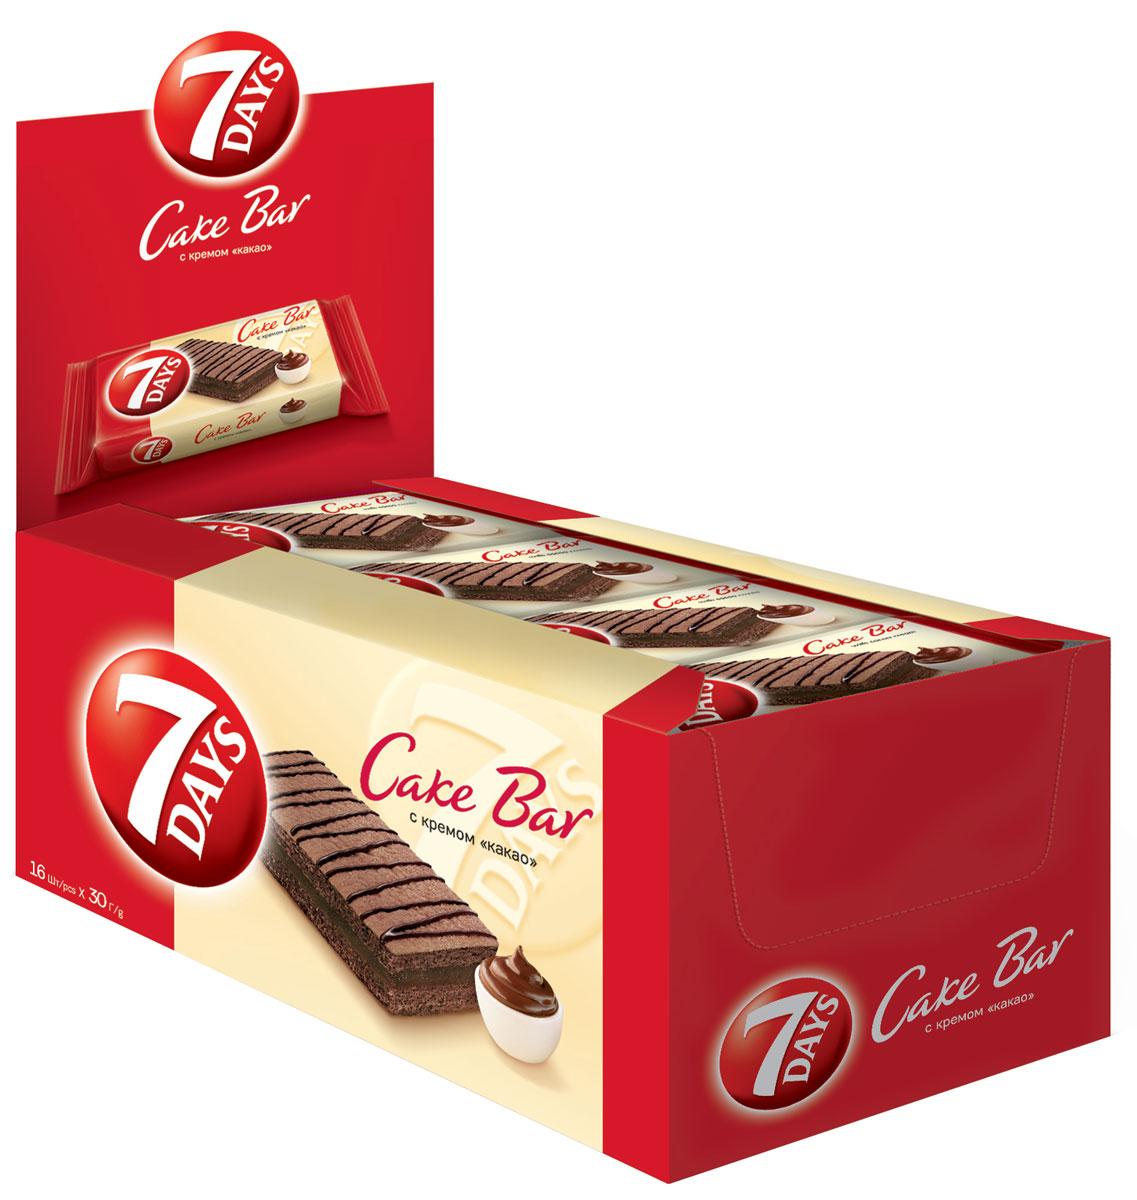 7DAYS Cake Bar Пирожное с кремом Какао, 16 шт по 30 г71500Пирожные 7DAYS Кейк Бар - это индивидуально упакованные бисквитные пирожные, представленные ассортиментом наиболее популярных вкусов. Восхитительный снэк для всей семьи, которым можно насладиться в течение всего дня.